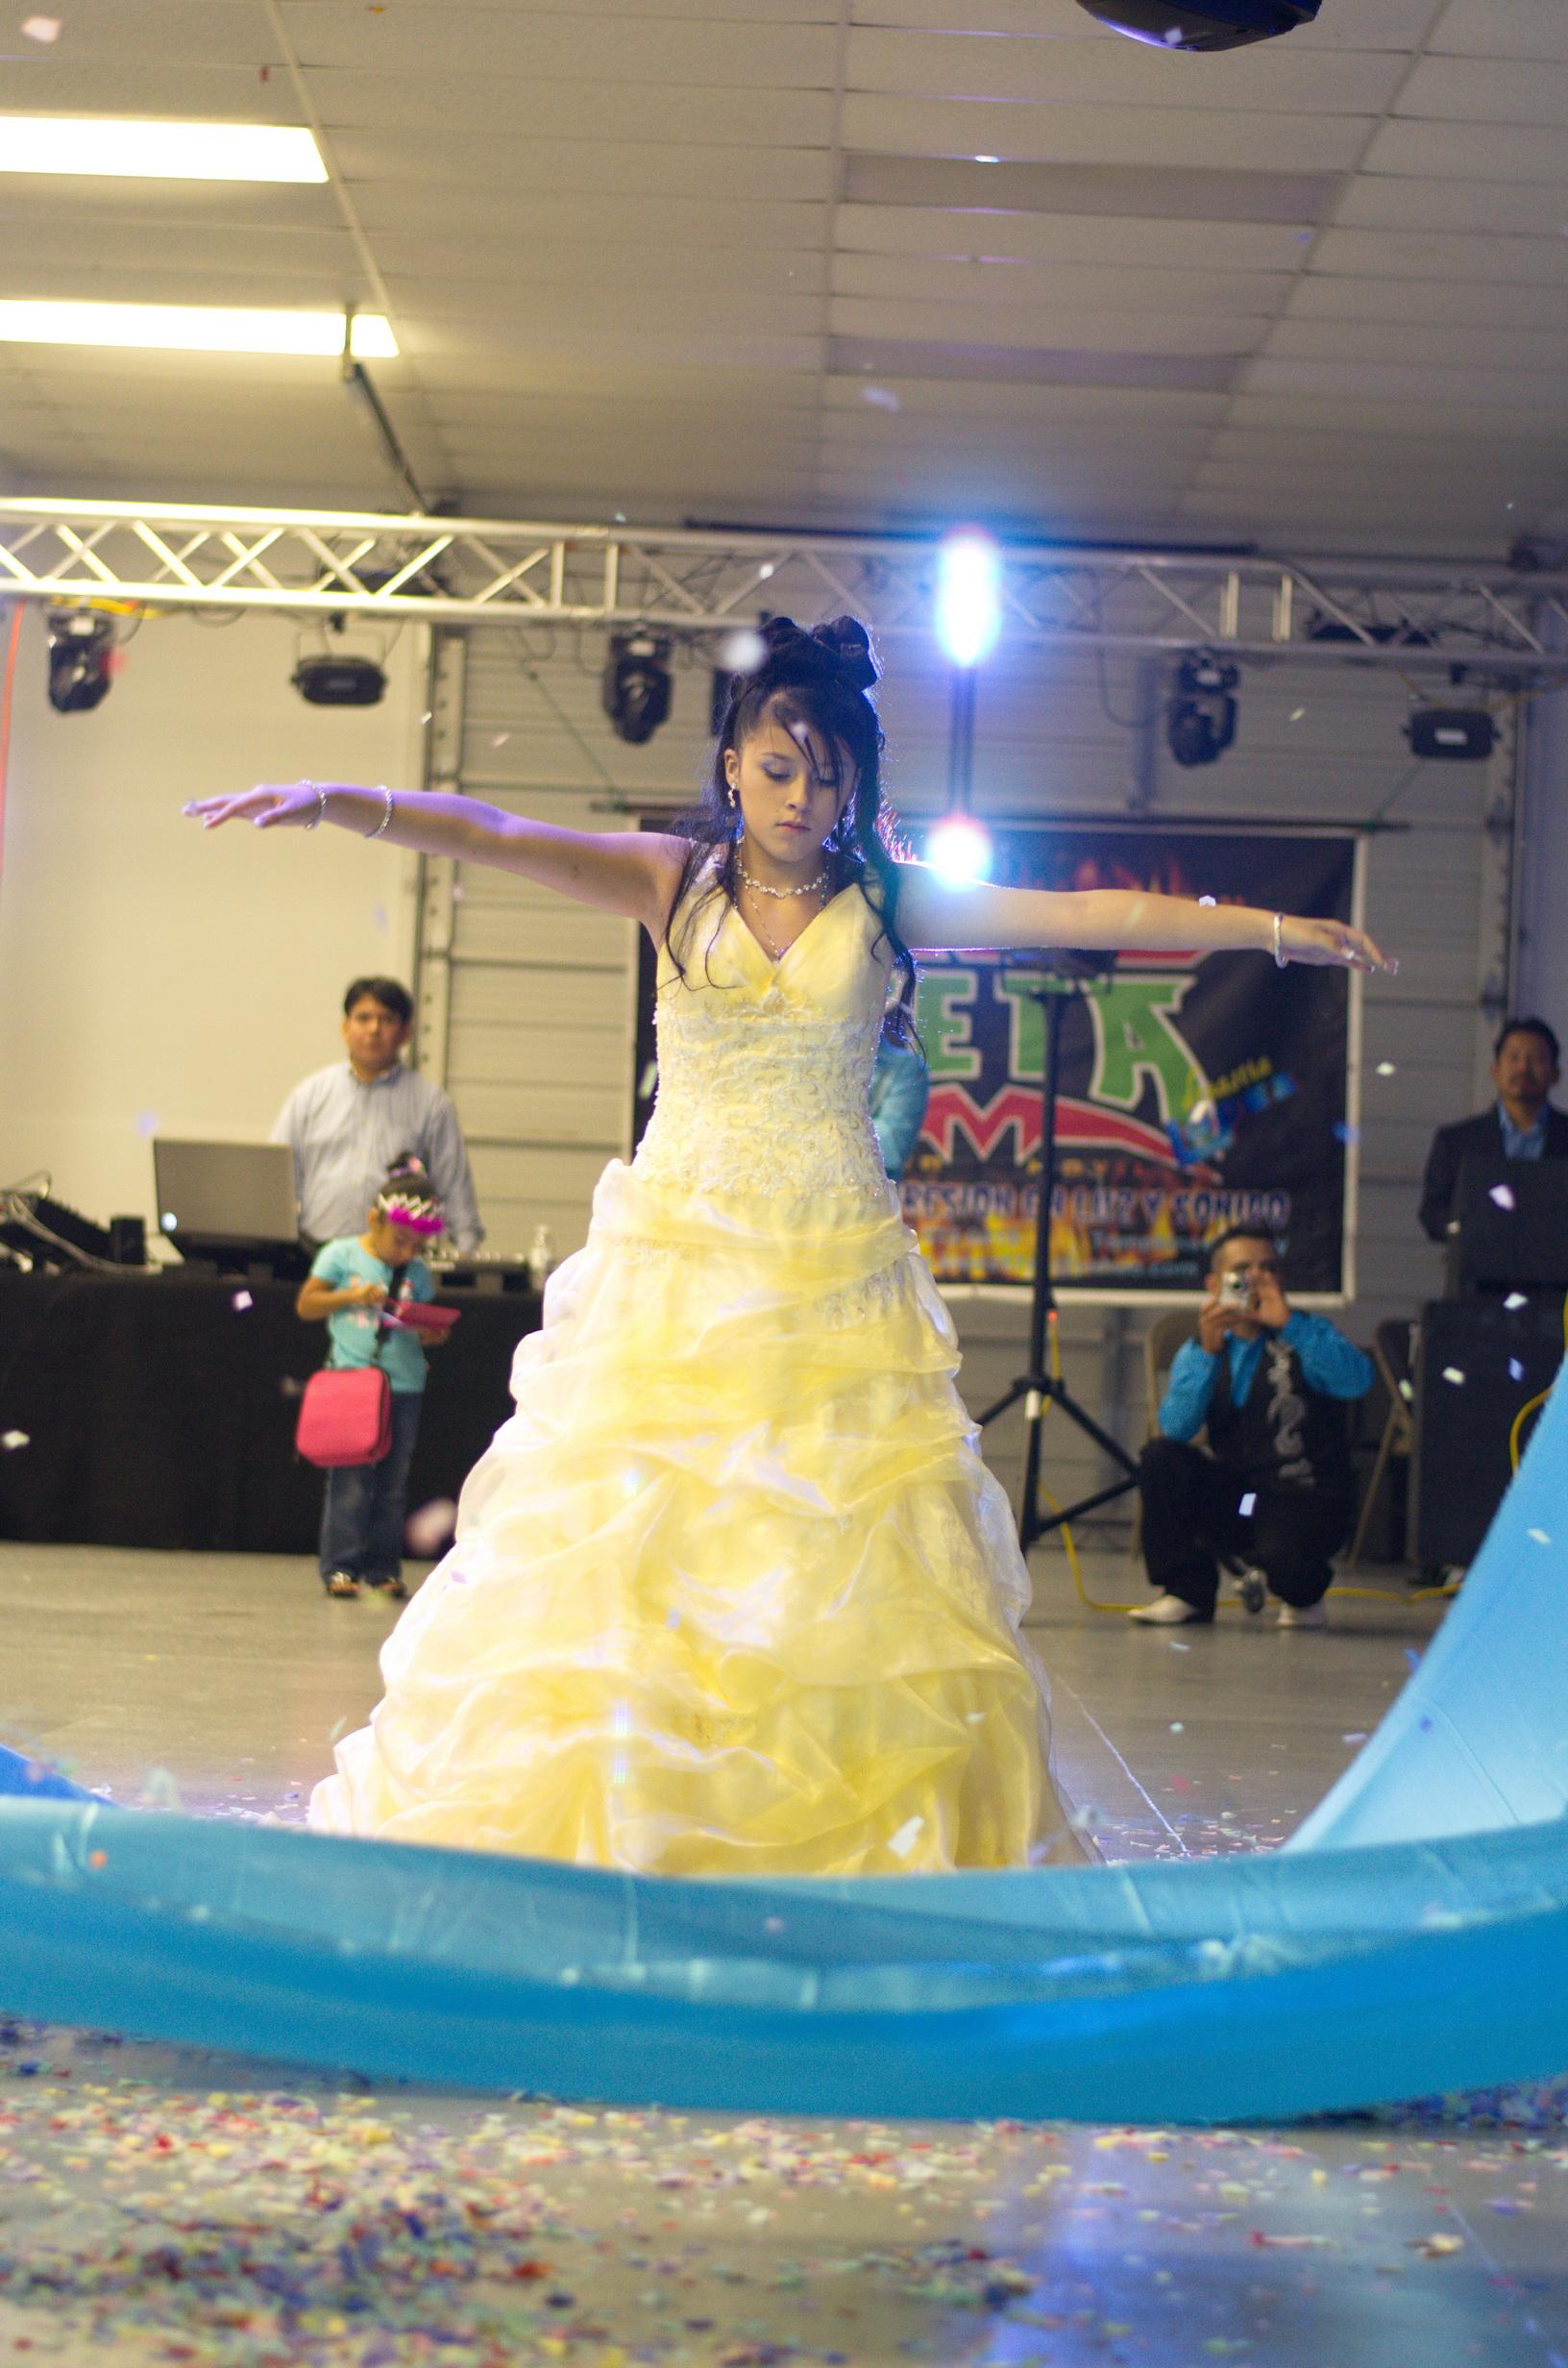 kika martinez performing one of her dances by xxXcricketXxx